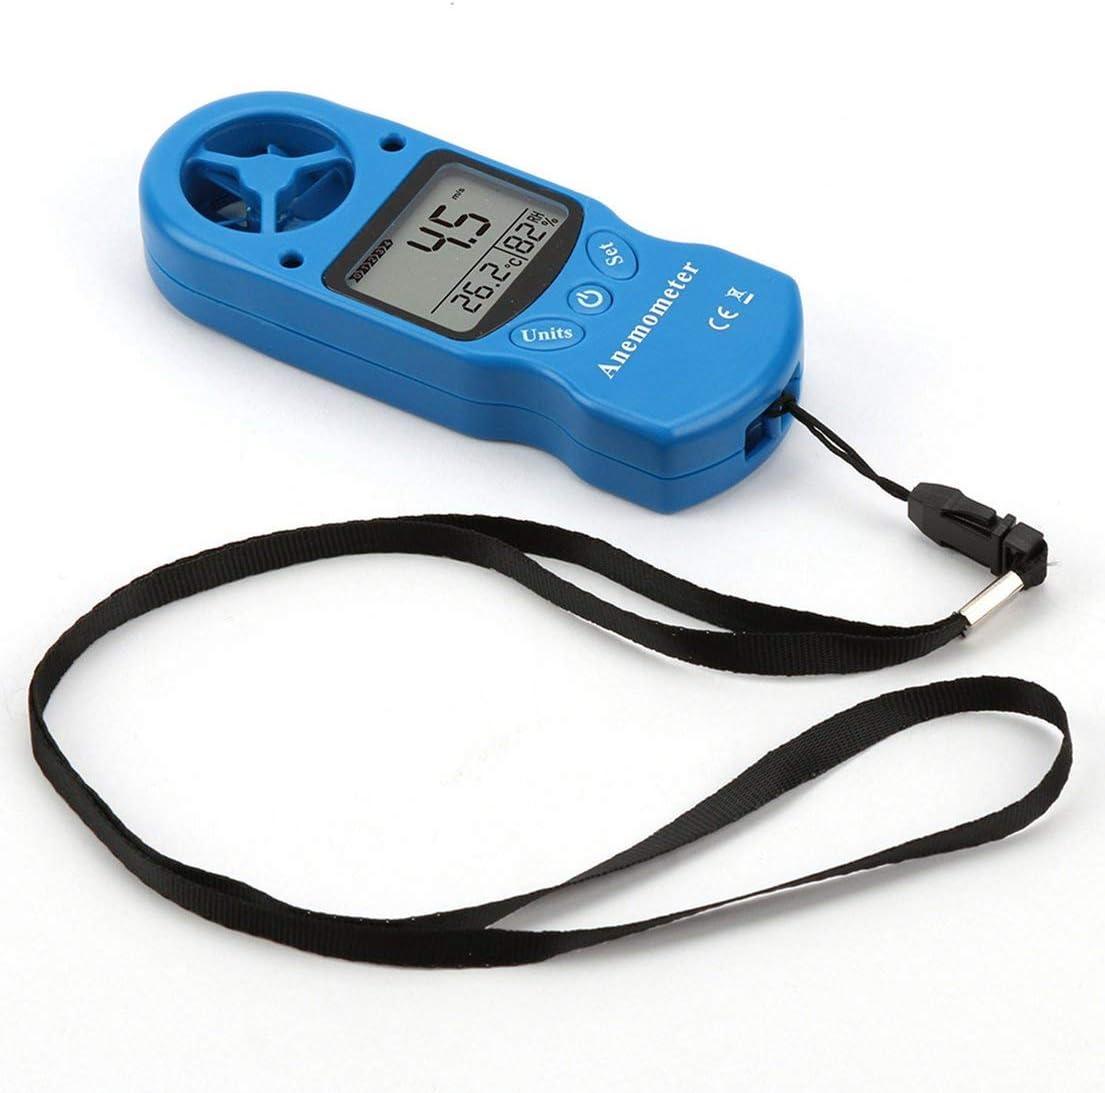 BiaBai TL-300 Mini anemómetro Multiusos Anemómetro Digital LCD Medidor de Humedad de Temperatura de Velocidad del Viento con termómetro higrómetro